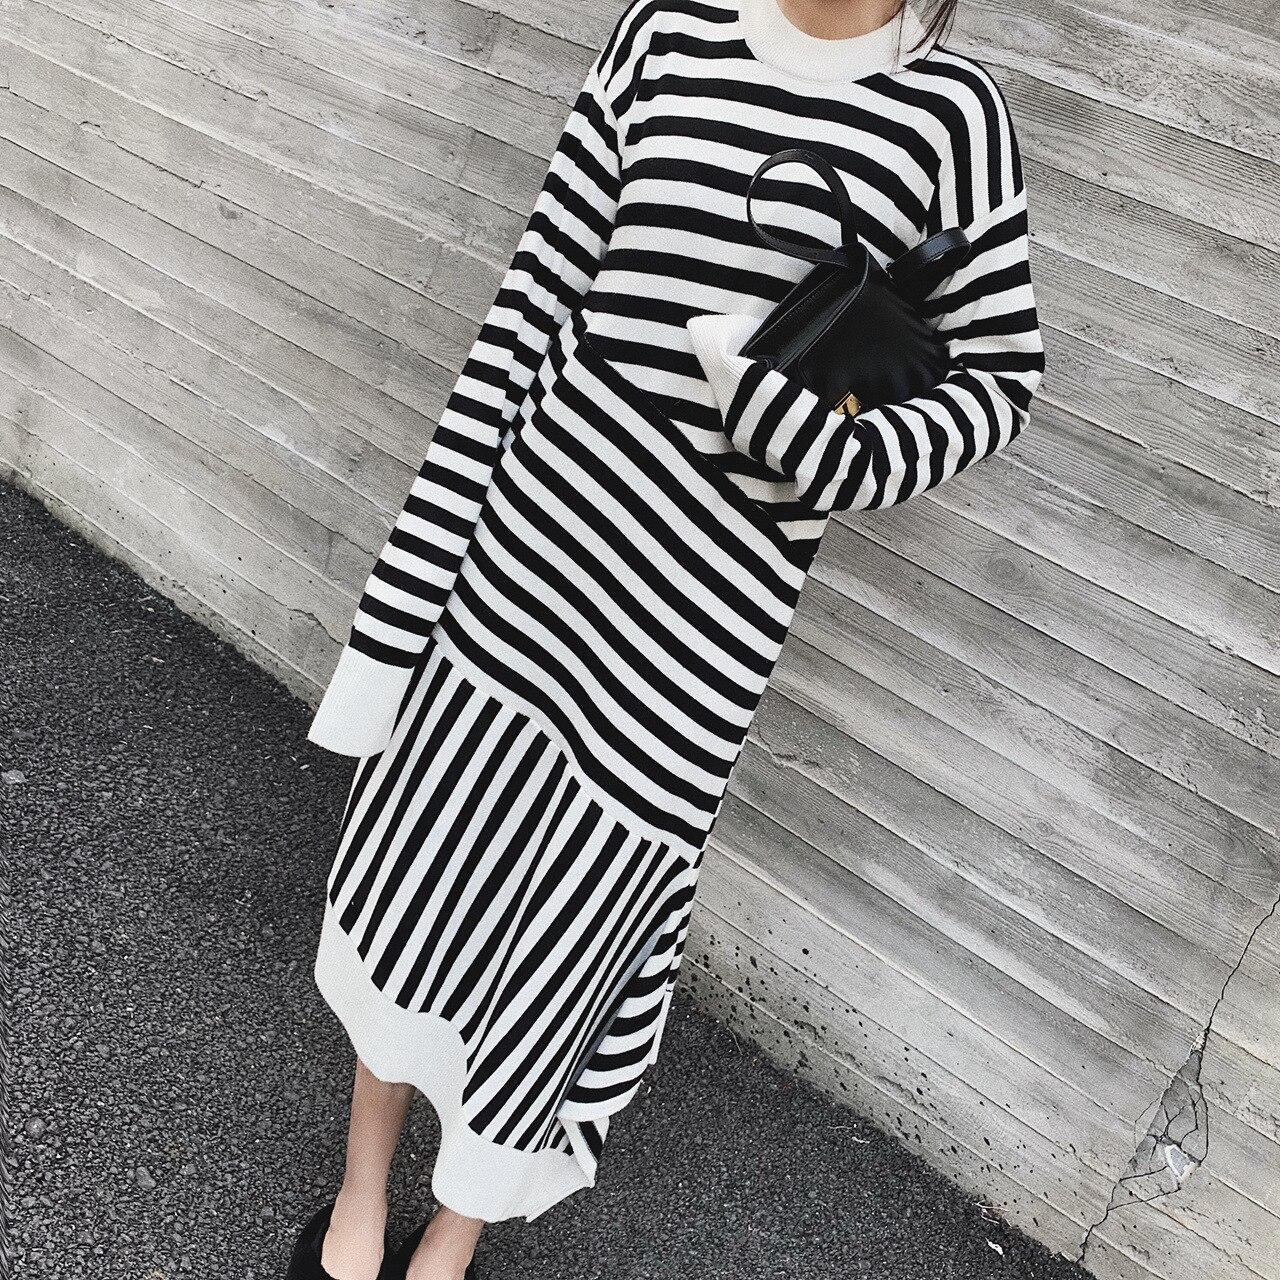 2019 nouvelle mode femmes grande taille longue noir rétro tenue décontractée rayures irrégulières imprimer dames parti Club Robe Robe 3751